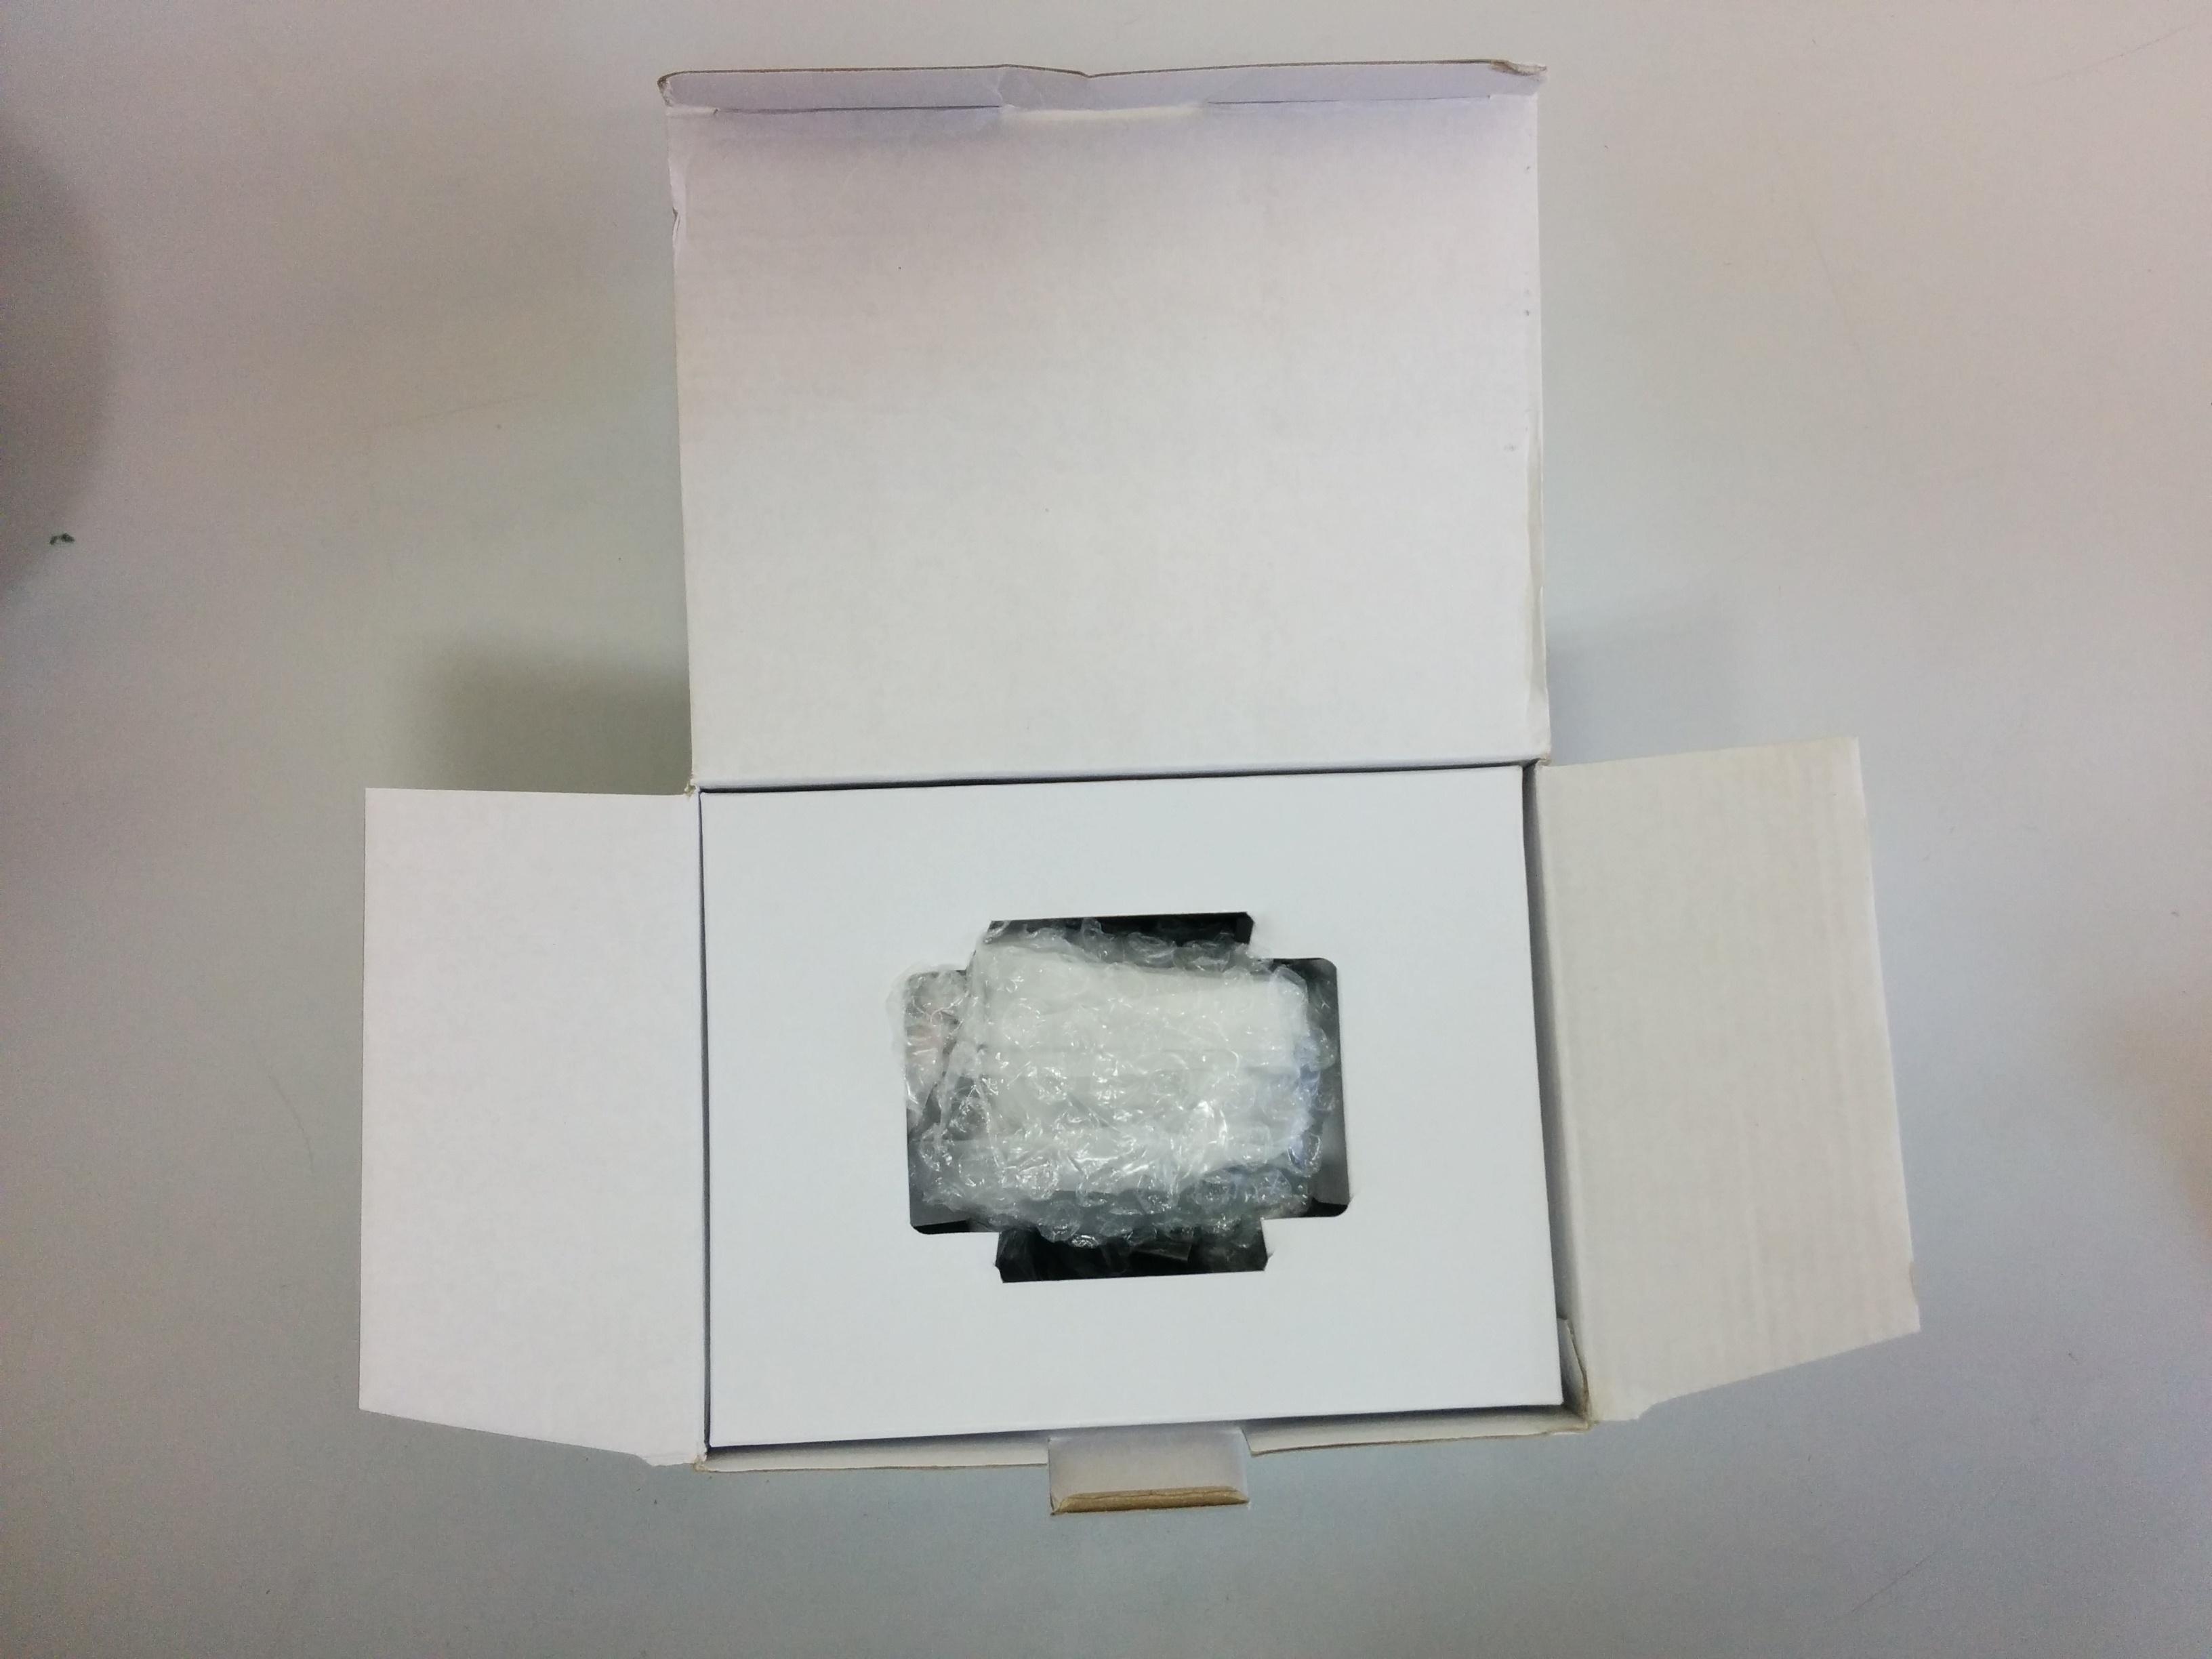 Извлечение китайского видеорегистратора Blackview G30 из коробки